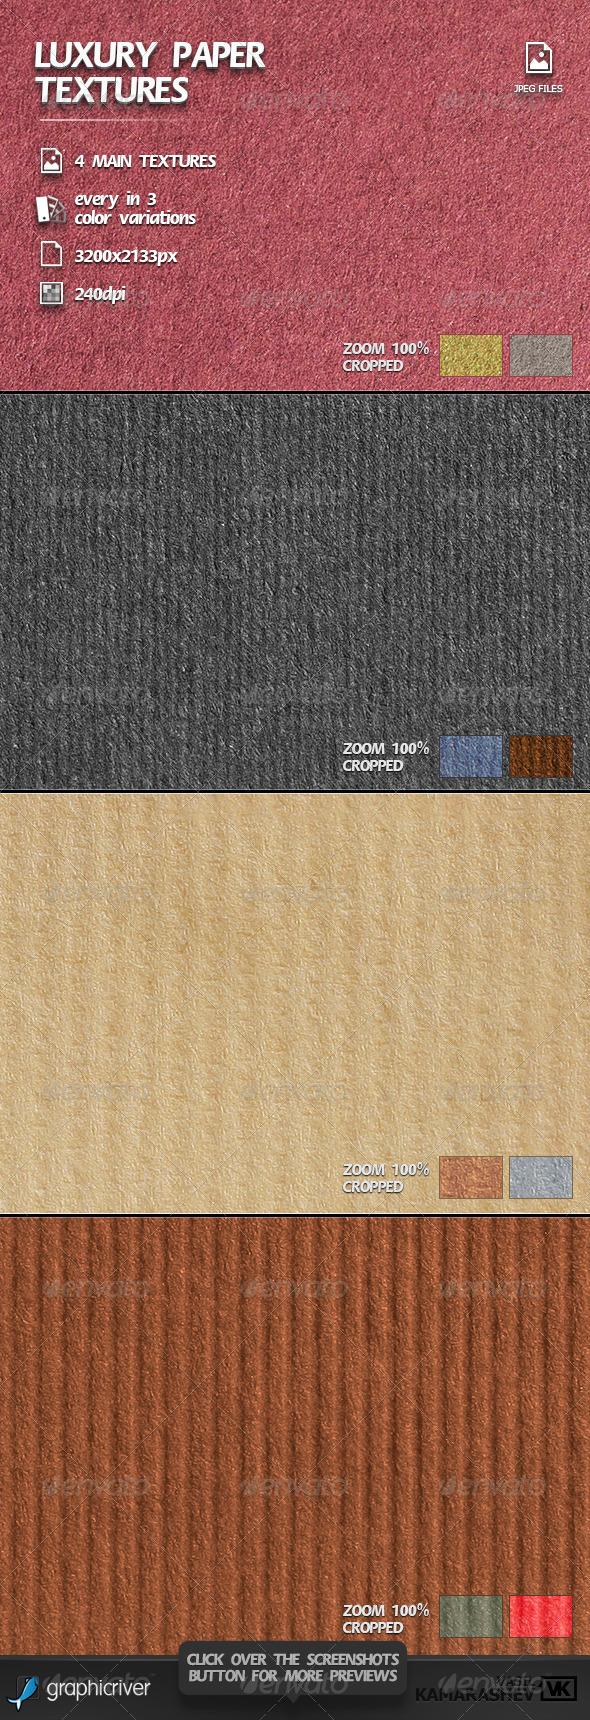 Luxury Paper Textures - Paper Textures